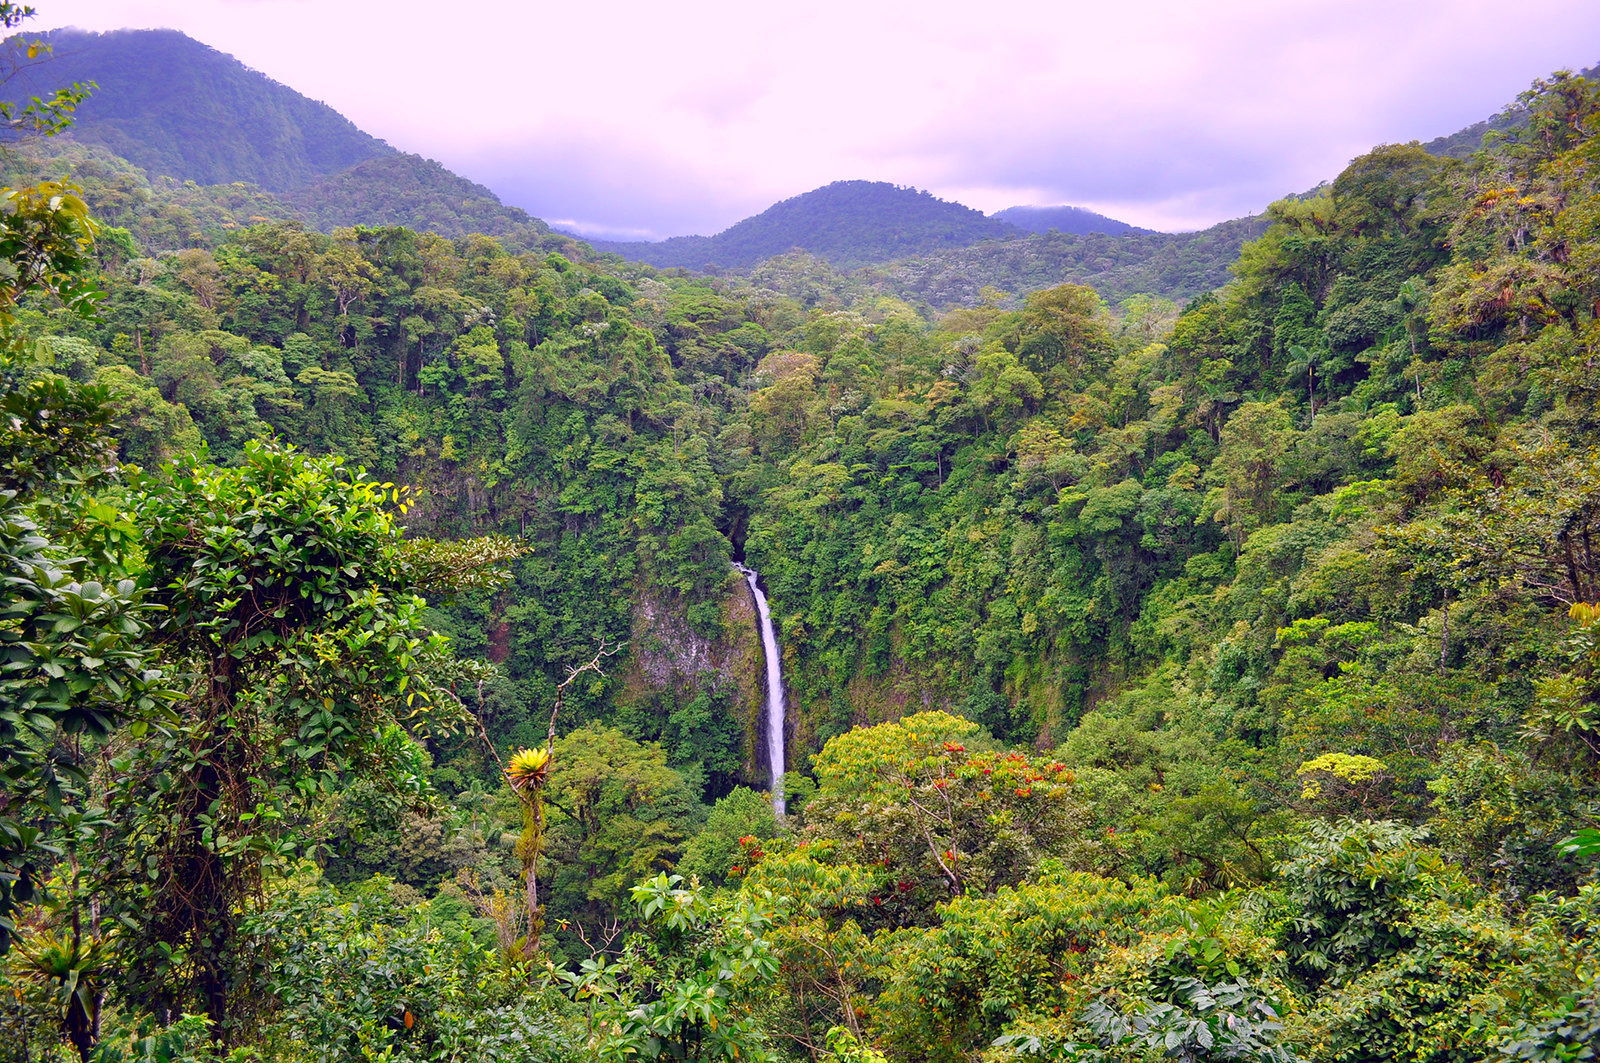 Viajar a Costa Rica / Ruta por Costa Rica en 3 semanas ruta por costa rica - 37538083104 9e87e0aa41 h - Ruta por Costa Rica en 3 semanas